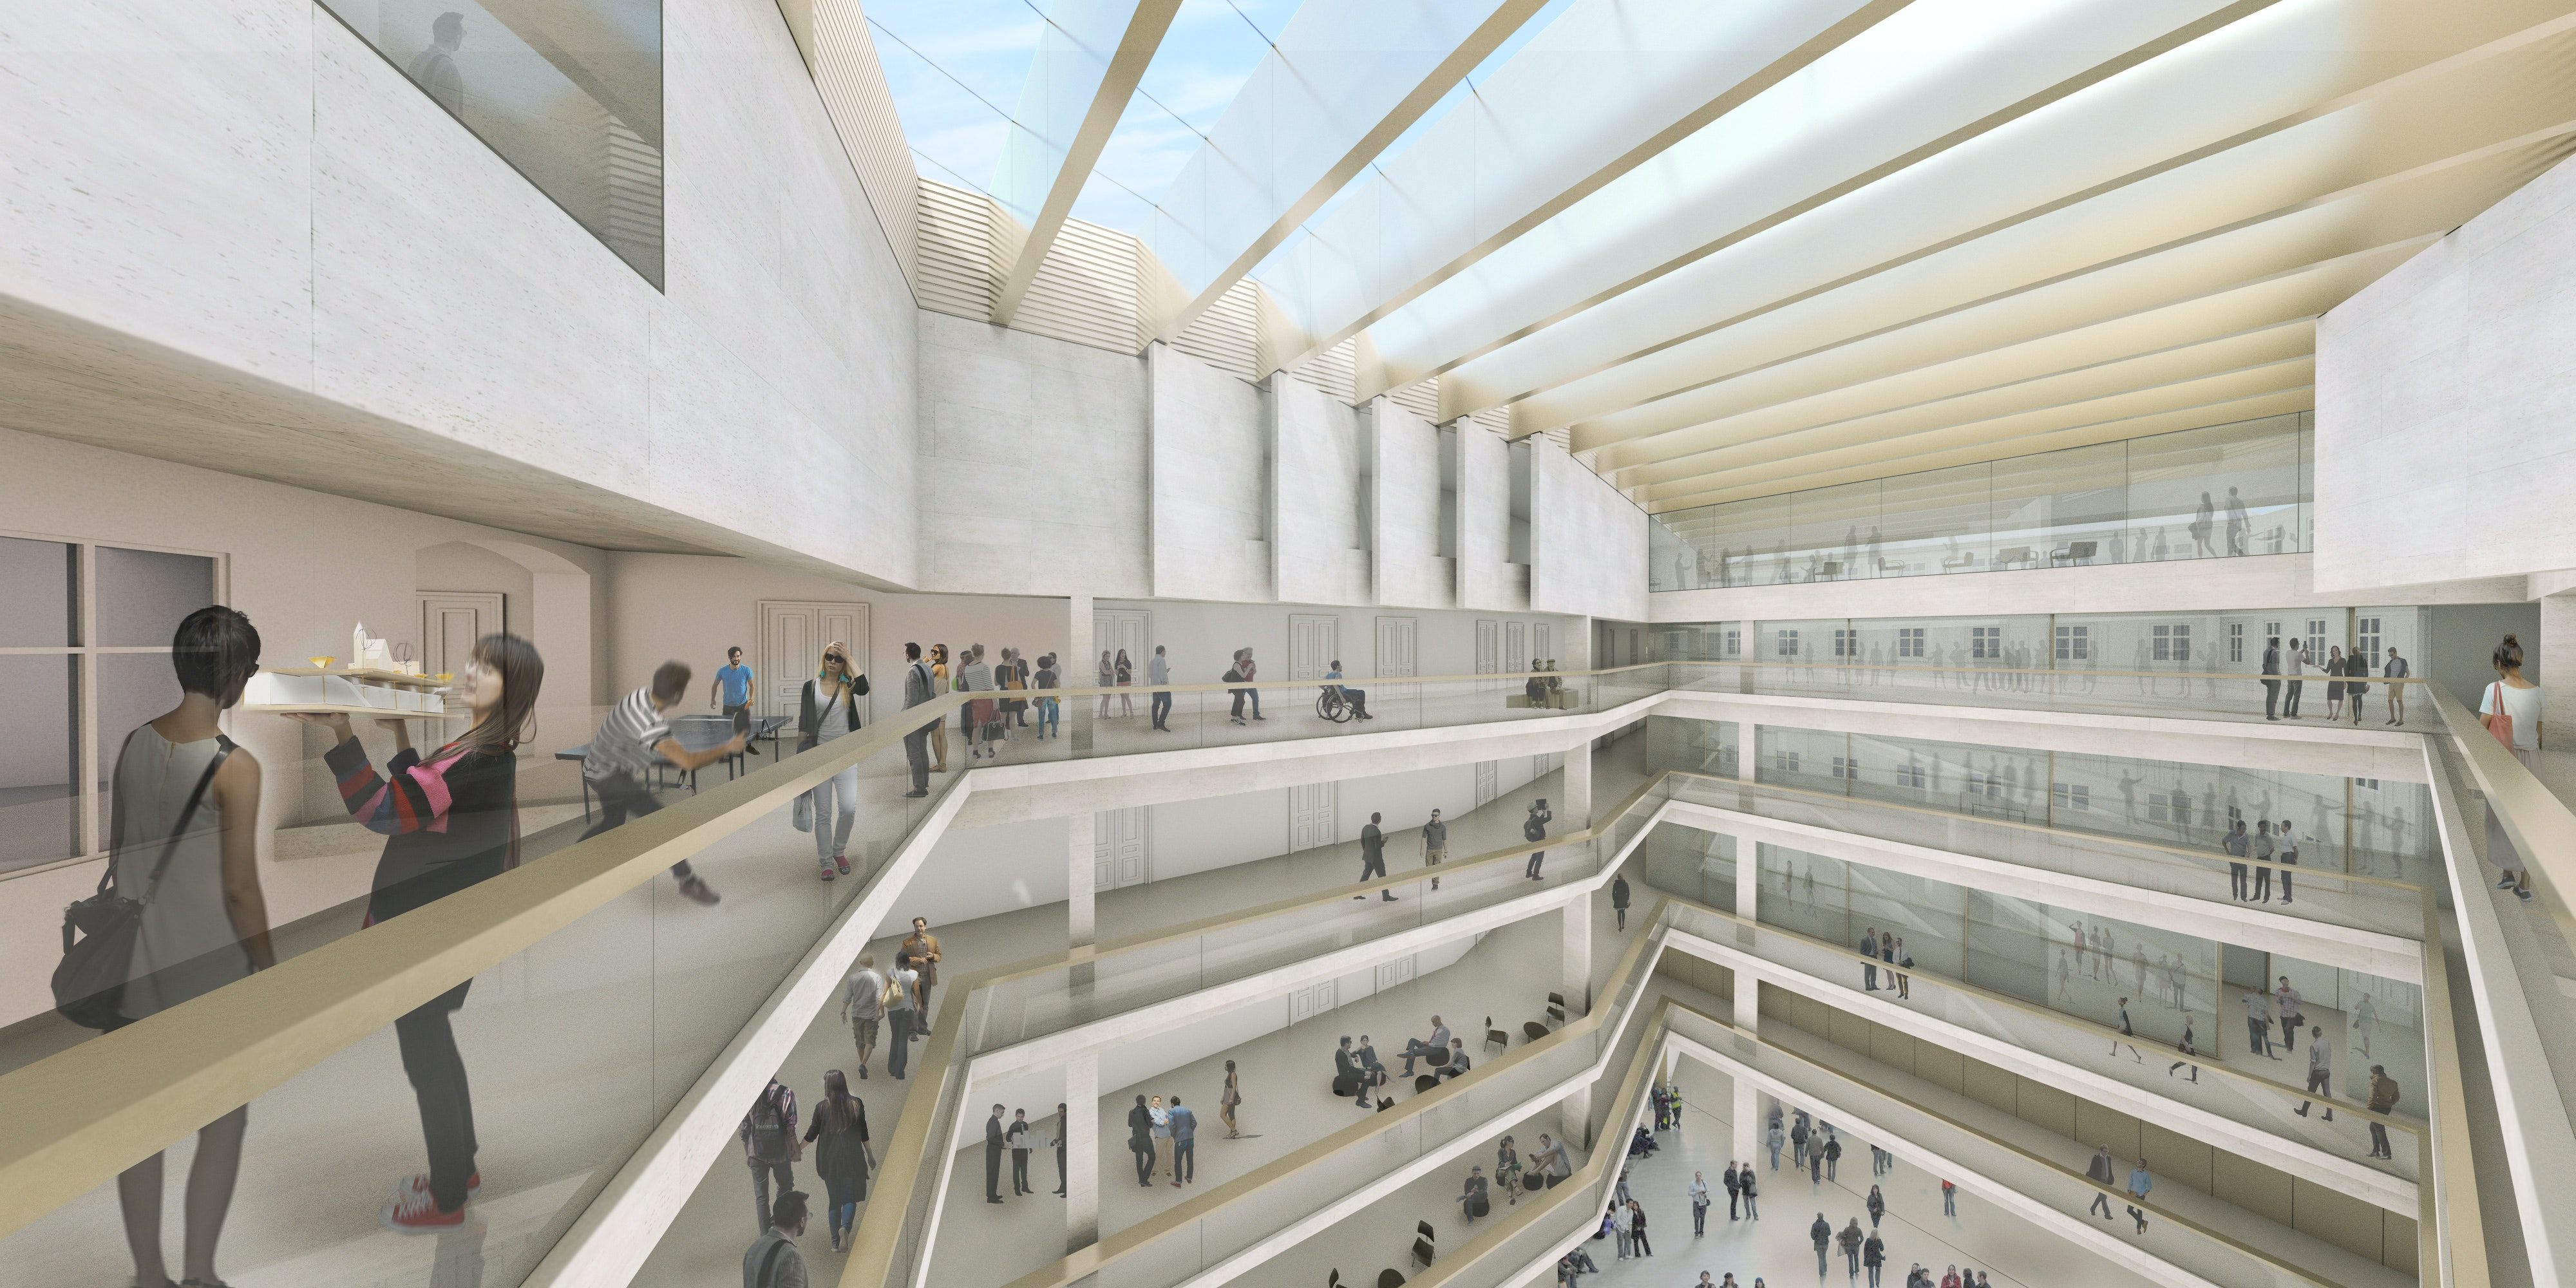 Interior Front Zollamtsstrasse 7   University Of Applied Arts Vienna /  Rendering By Josef Andraschko_RIEPLKAUFMANNBAMMER ARCHITECTURE